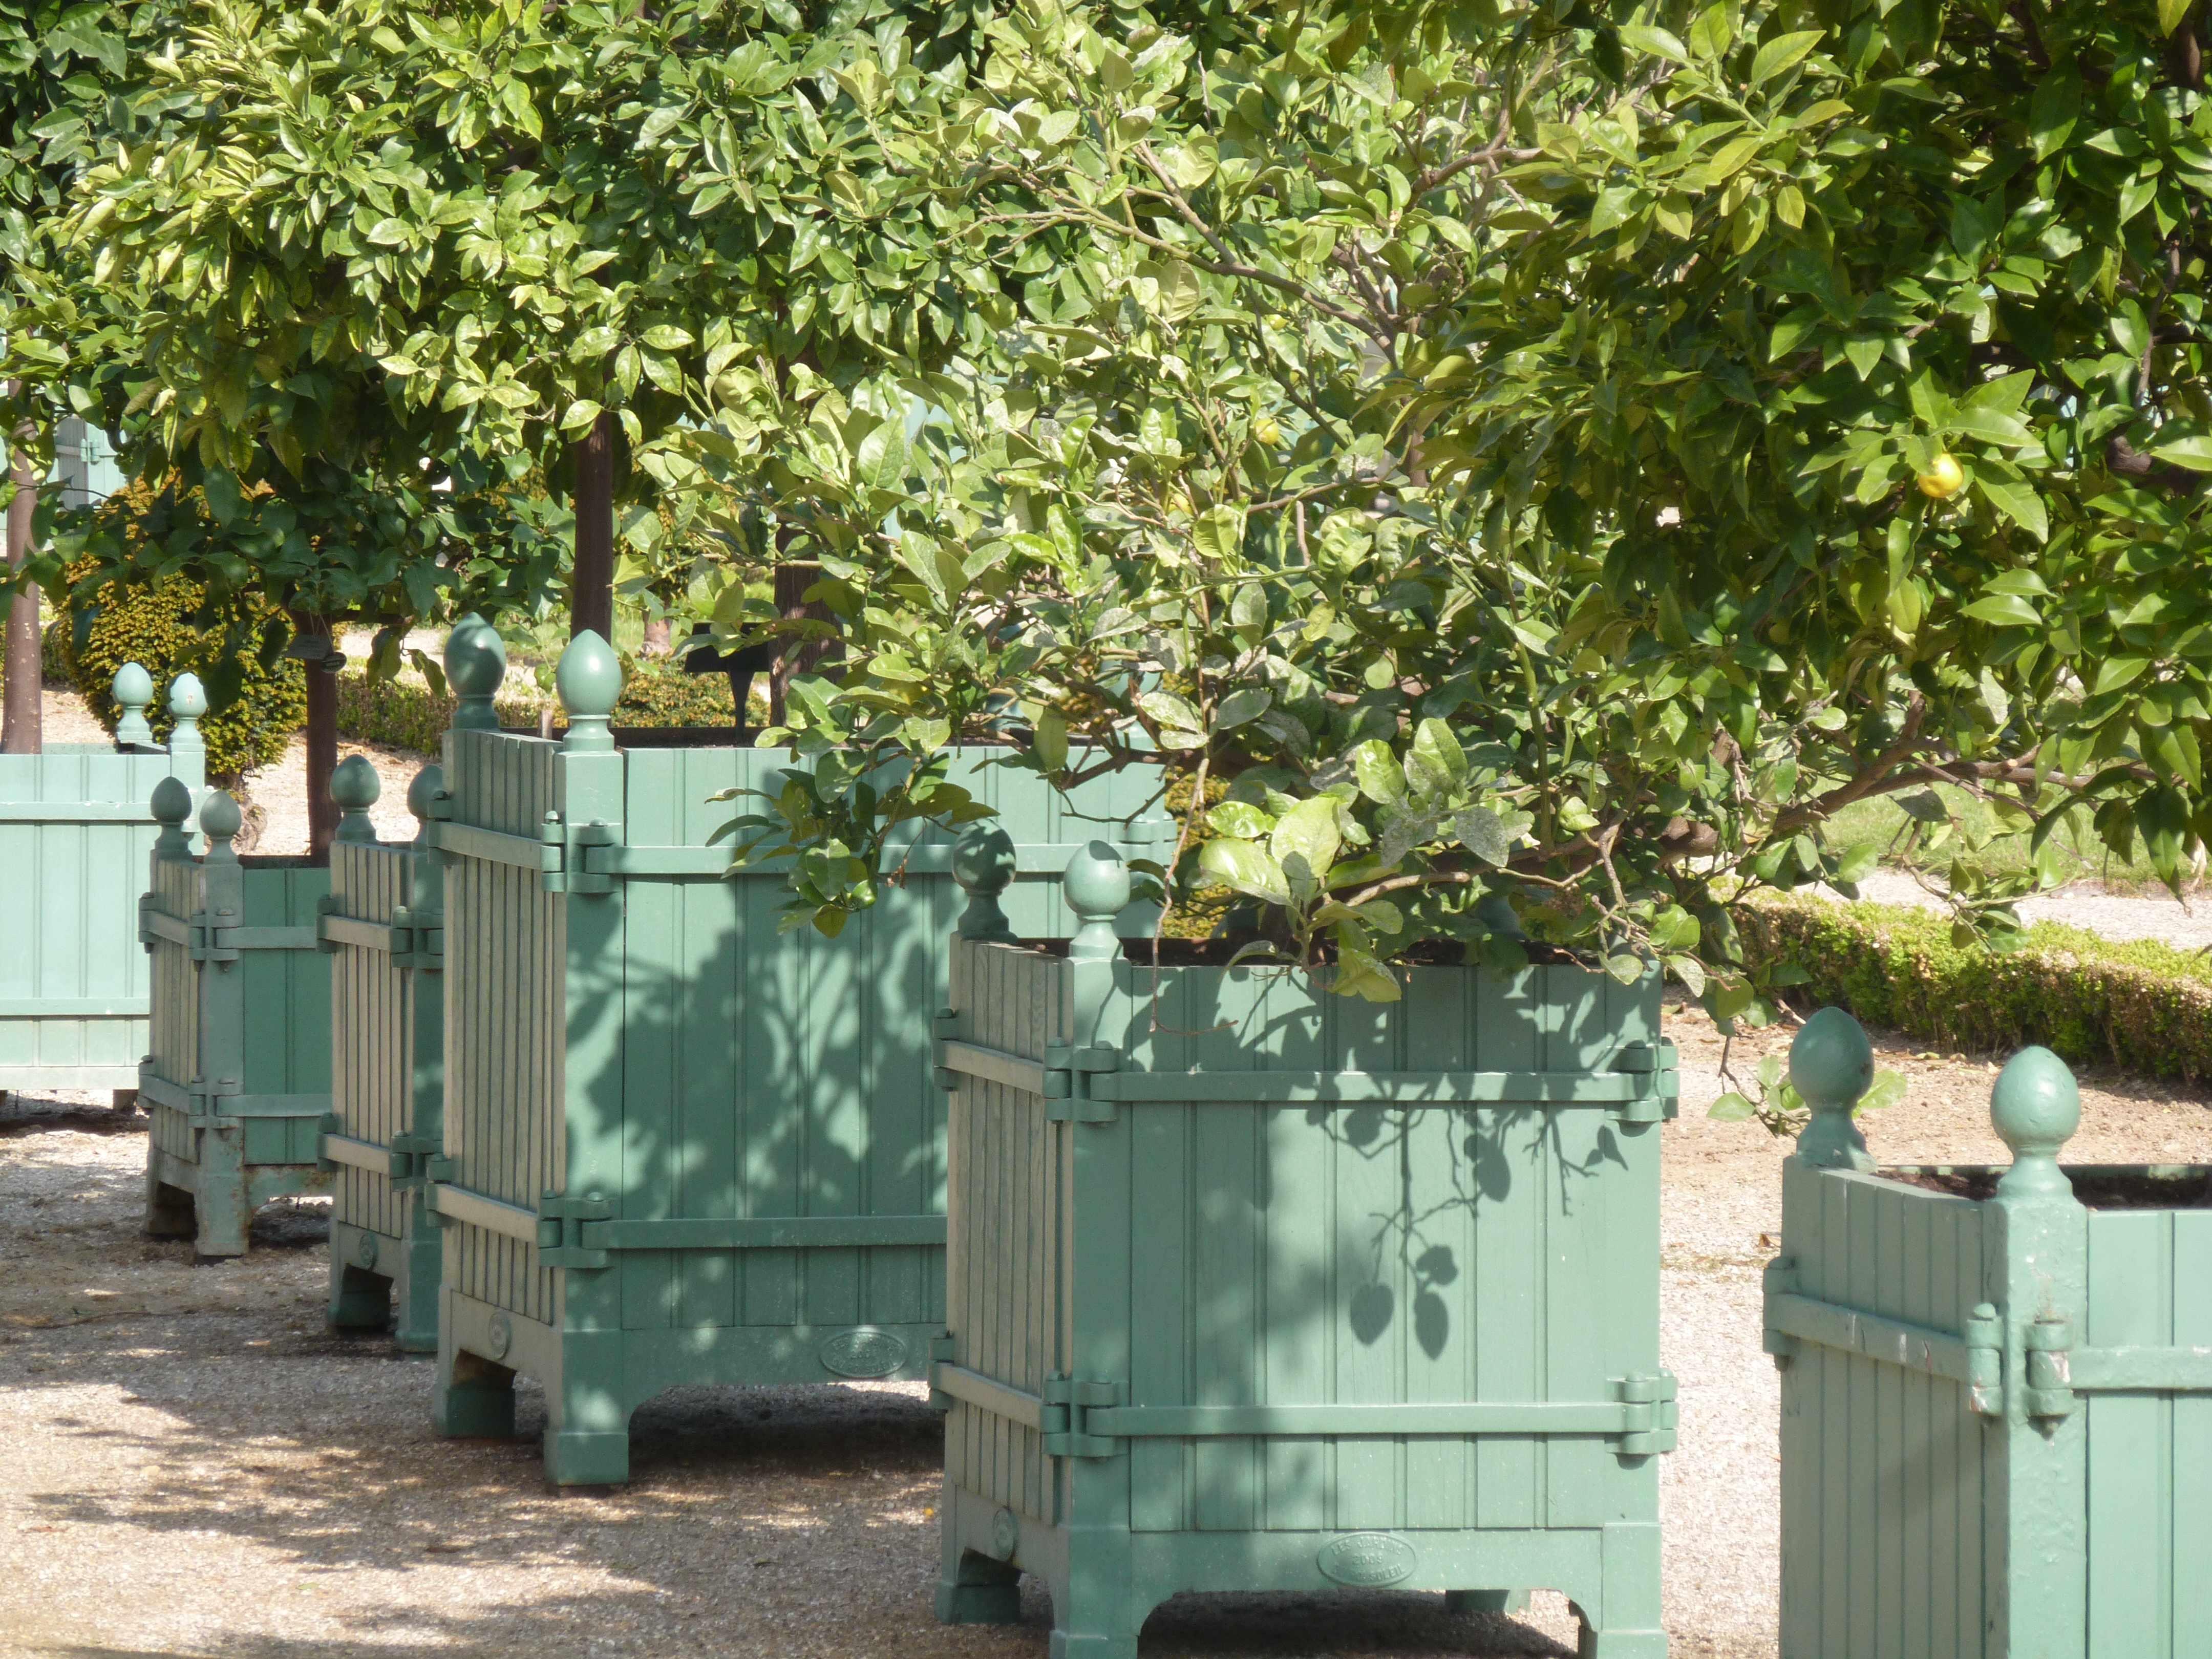 Versailles orangerie caisses citronniers 05-2013